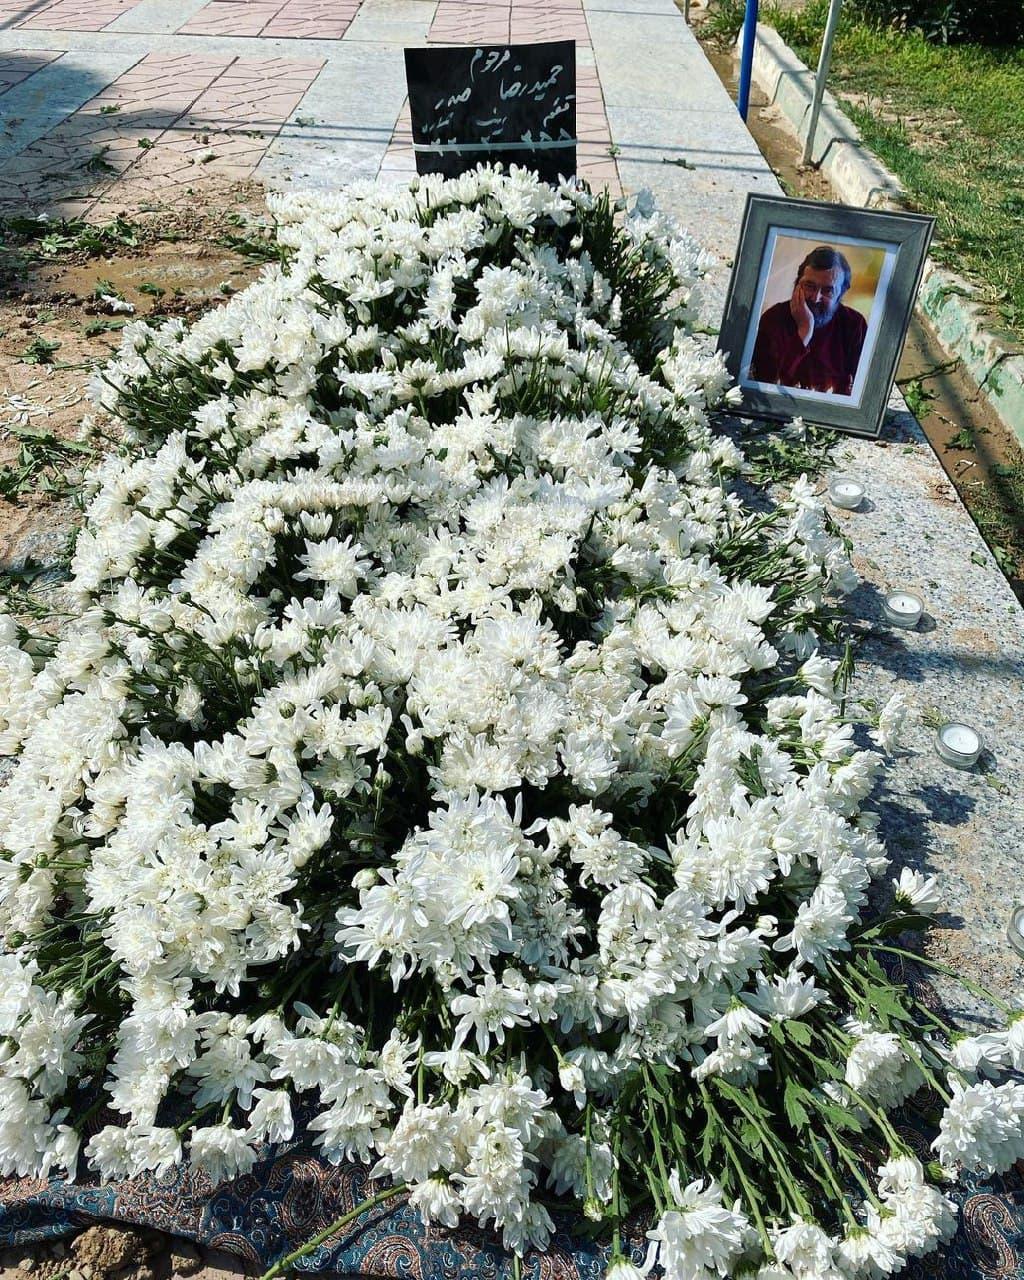 خاکسپاری پیکر حمیدرضا صدر در بهشت زهرا+ عکس